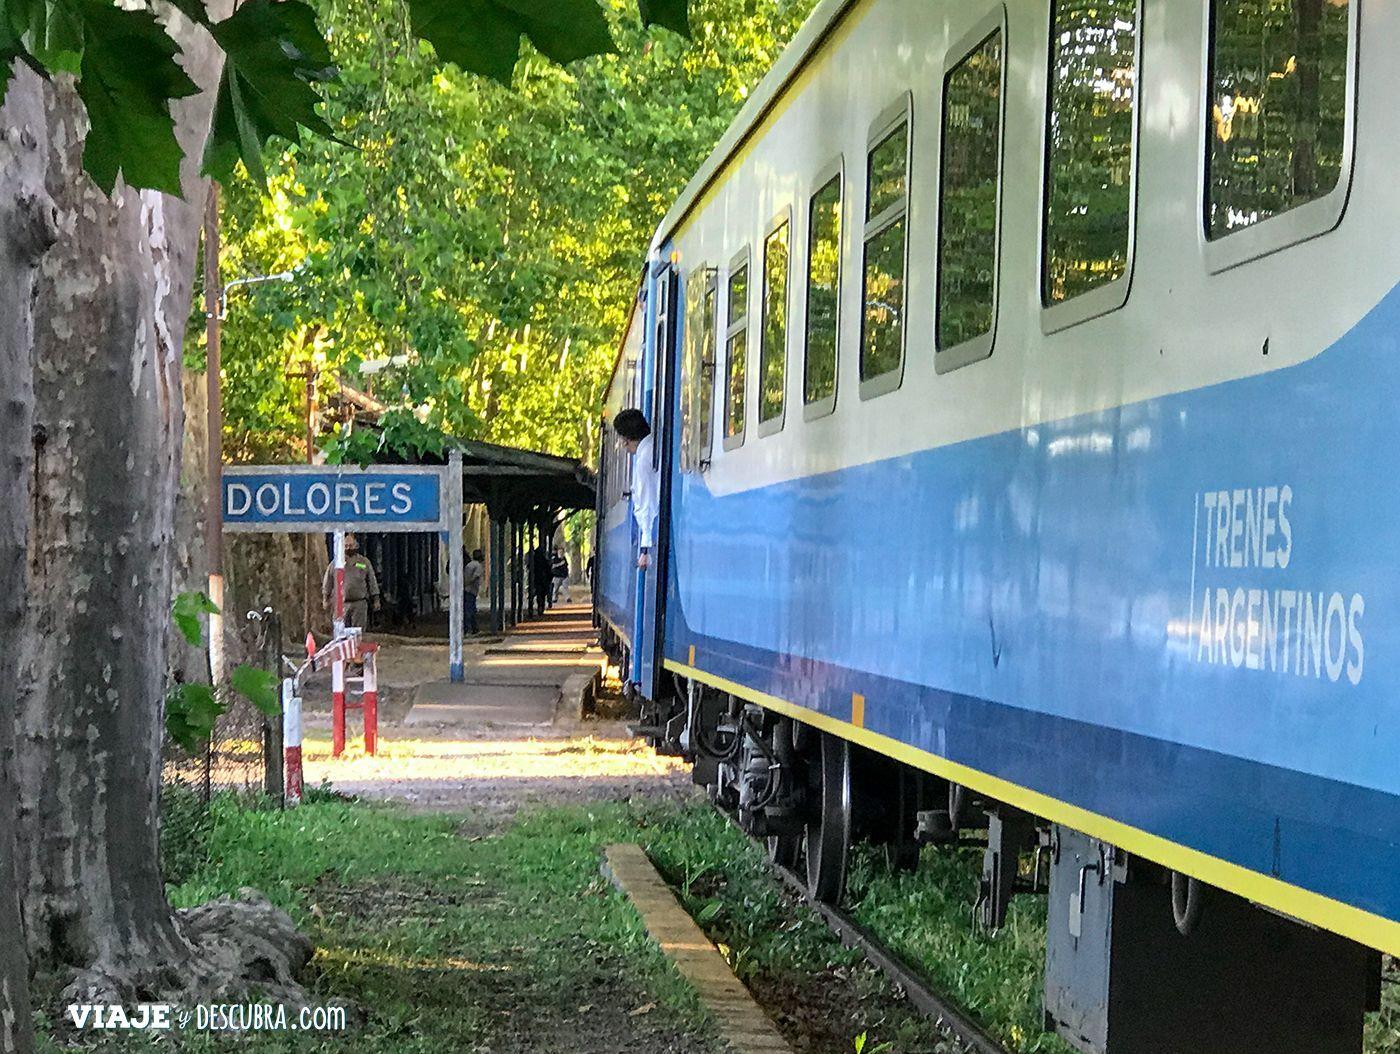 estacion-dolores,-trenes-argentinos